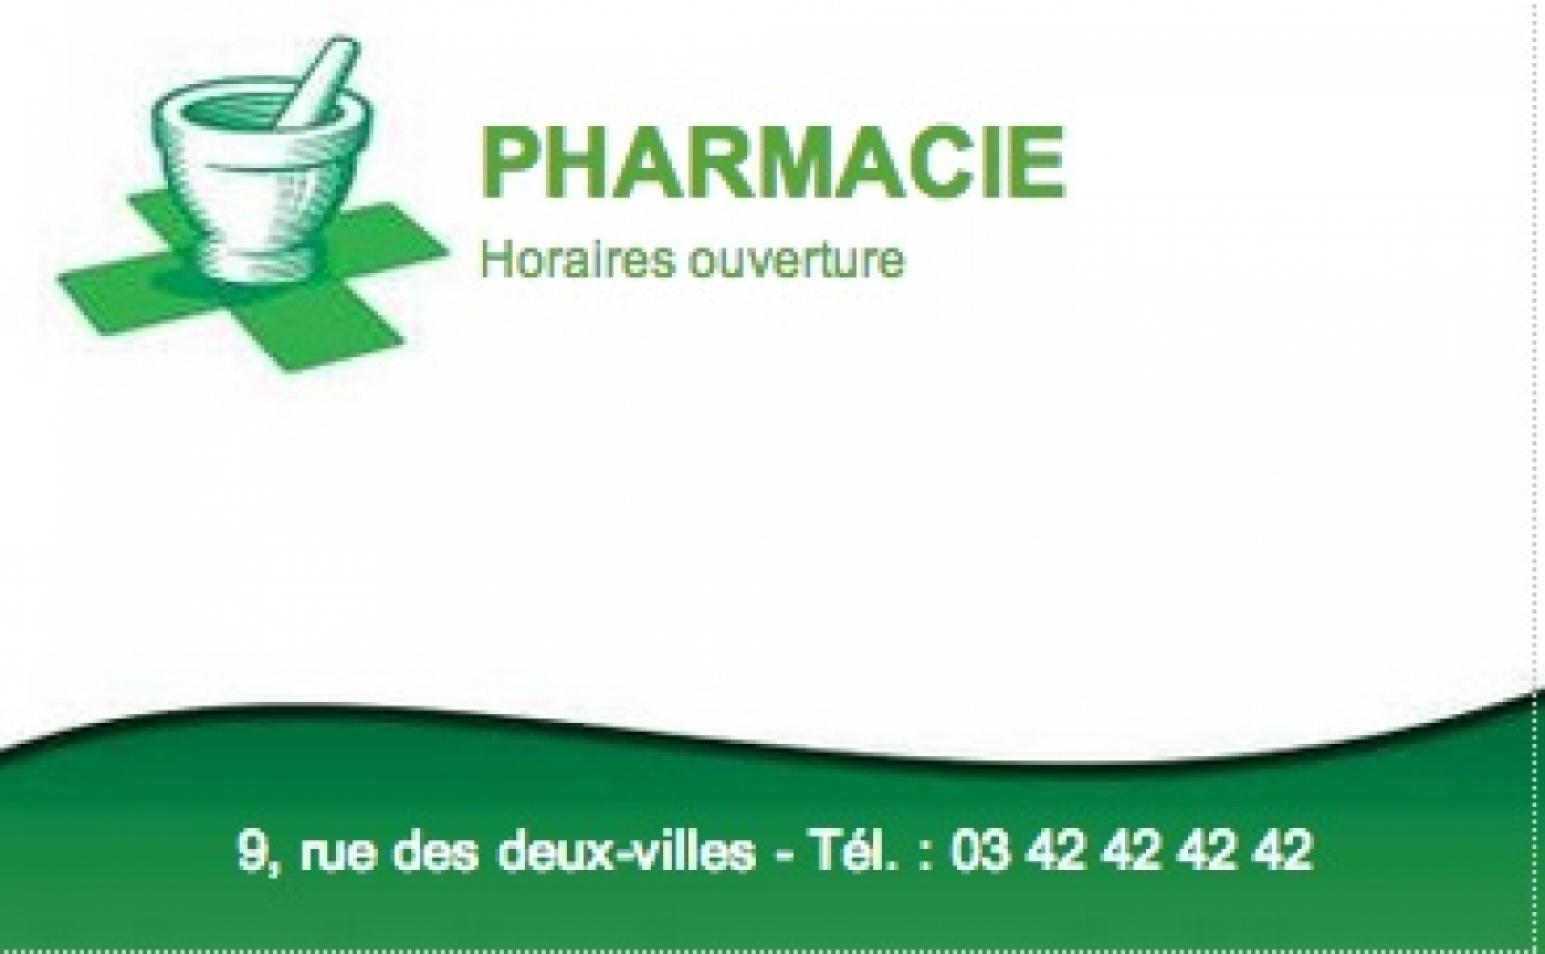 Pharmacie Exemple Carte De Visite Pharmacien Grand Format Personnaliser En Ligne Modle Gratuit Pas Chre